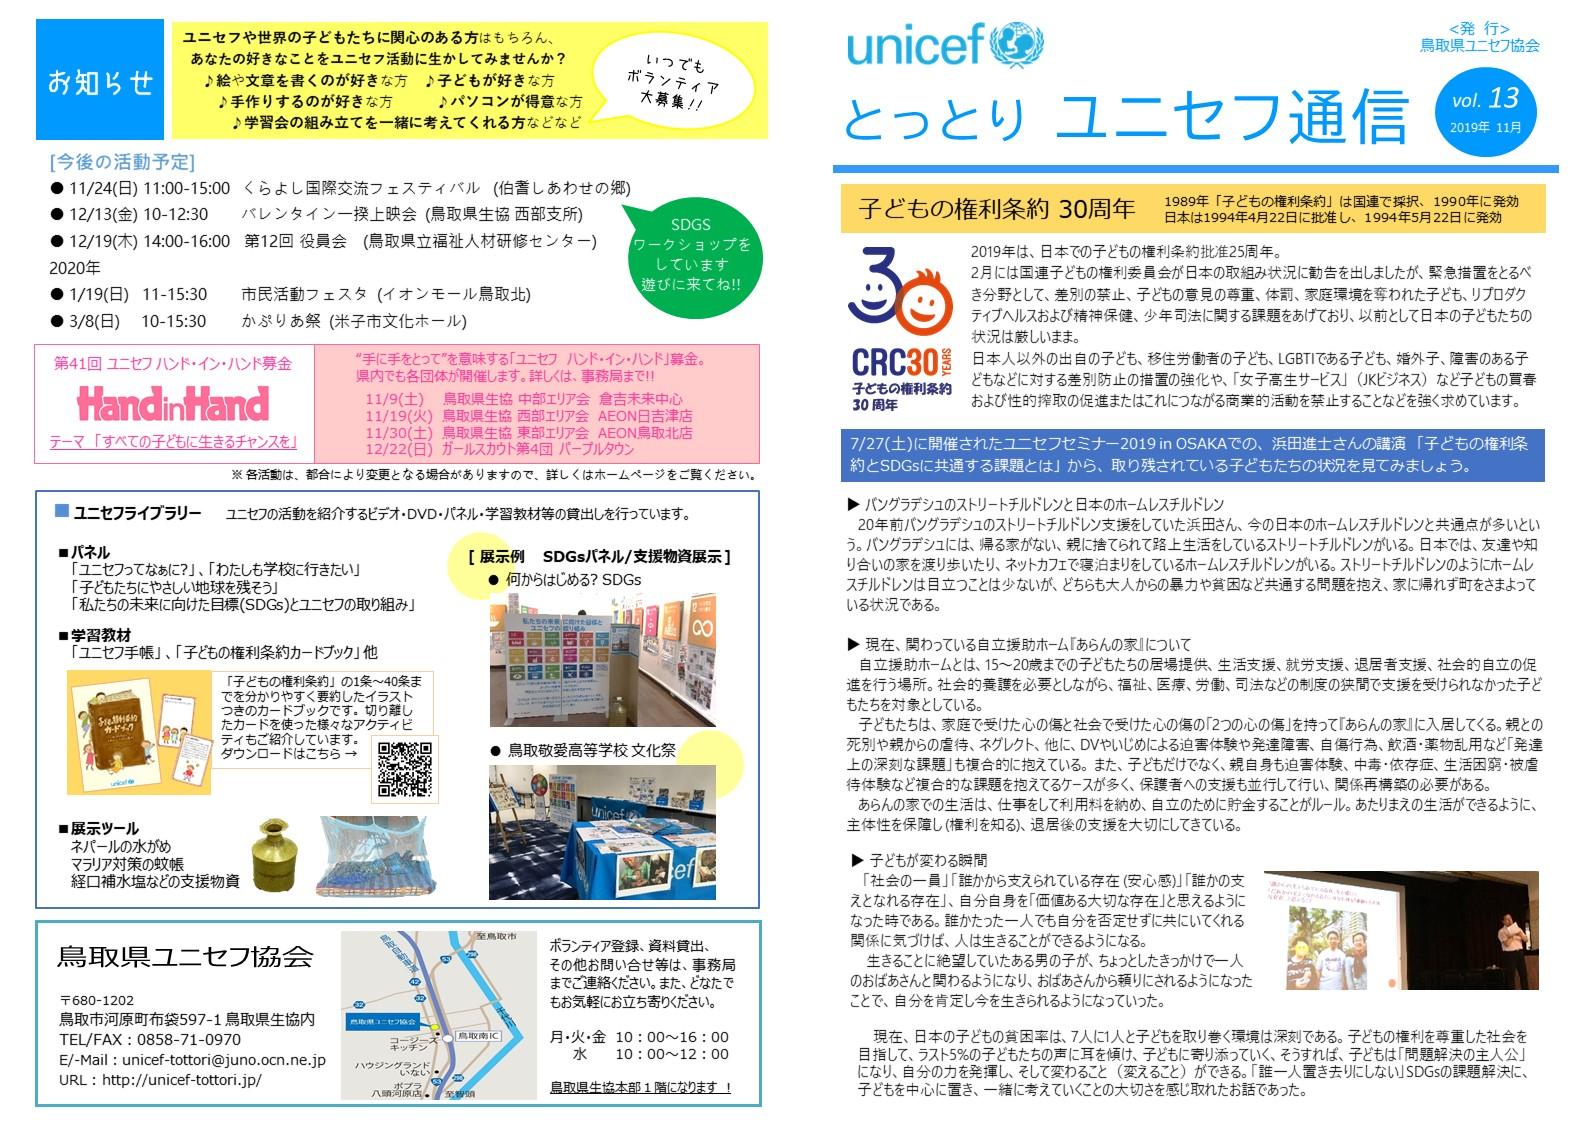 ユニセフ通信 No13 A3